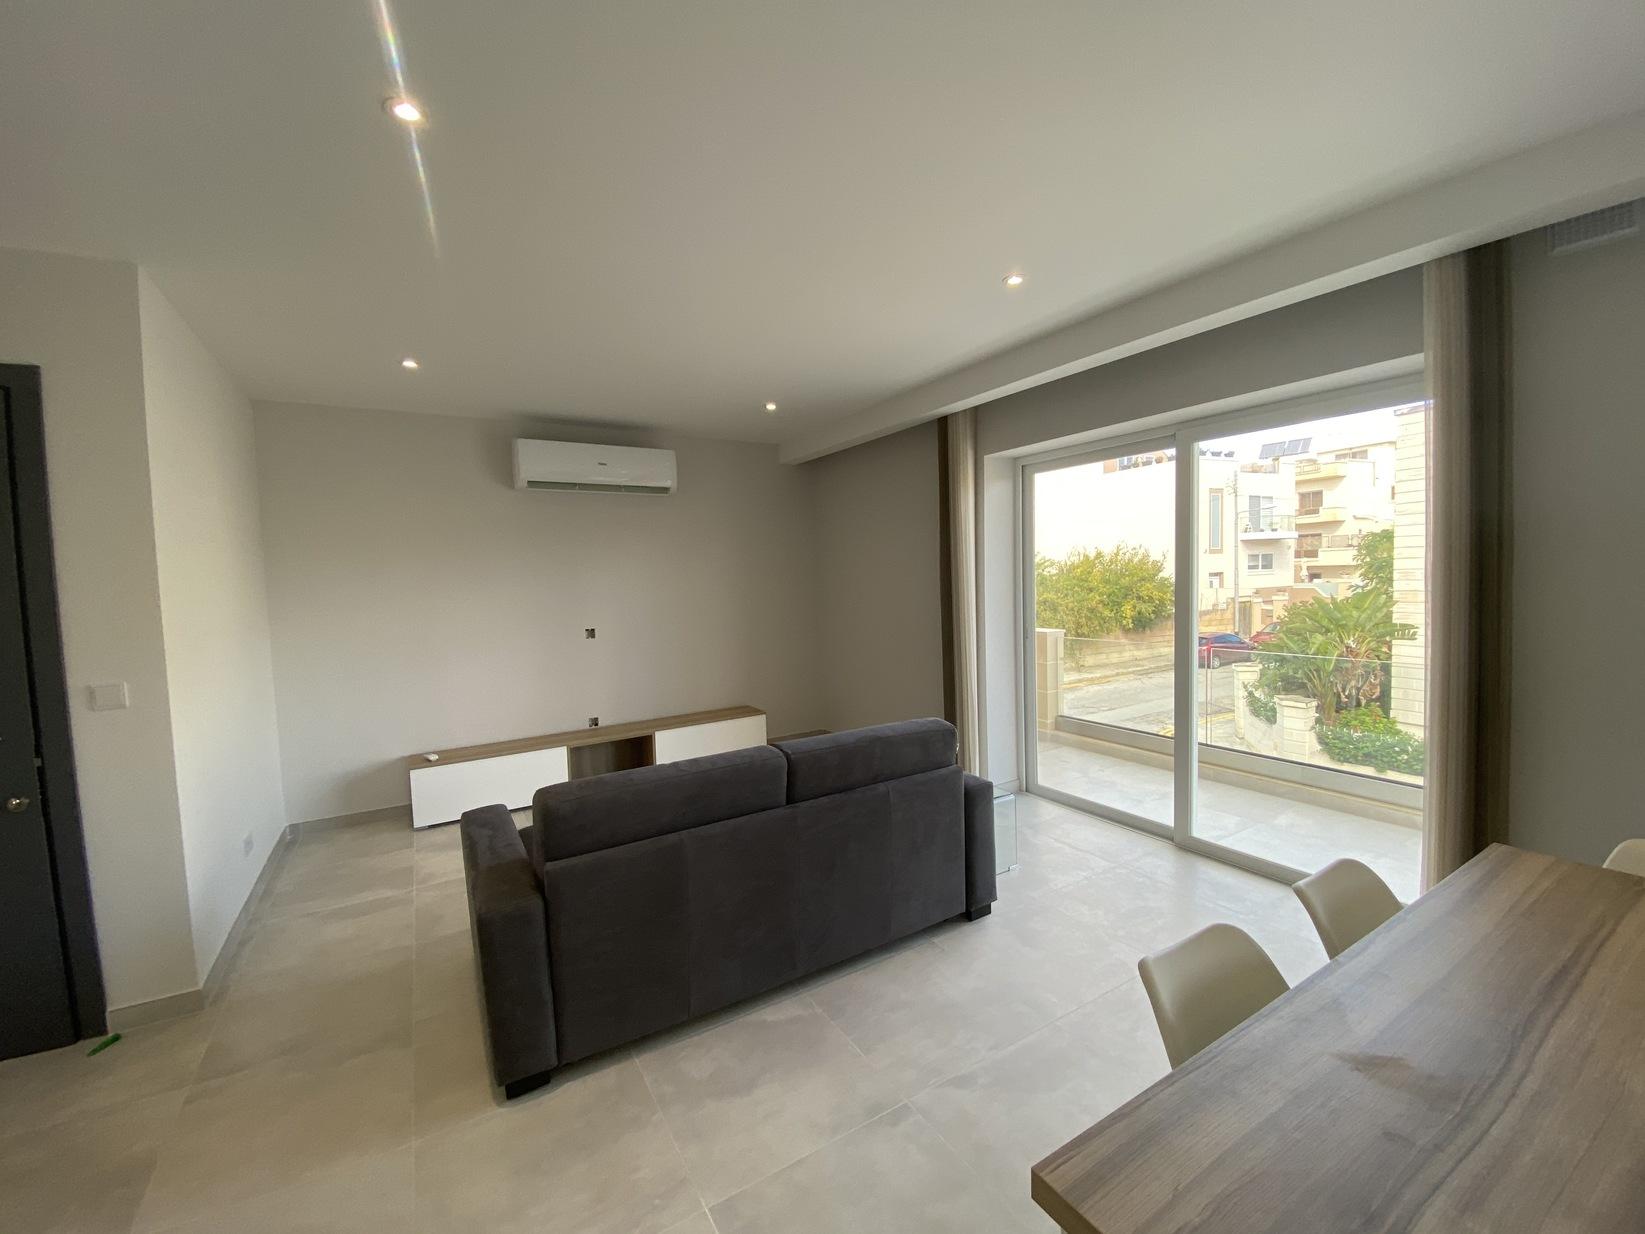 3 bed Apartment For Rent in Lija, Lija - thumb 3